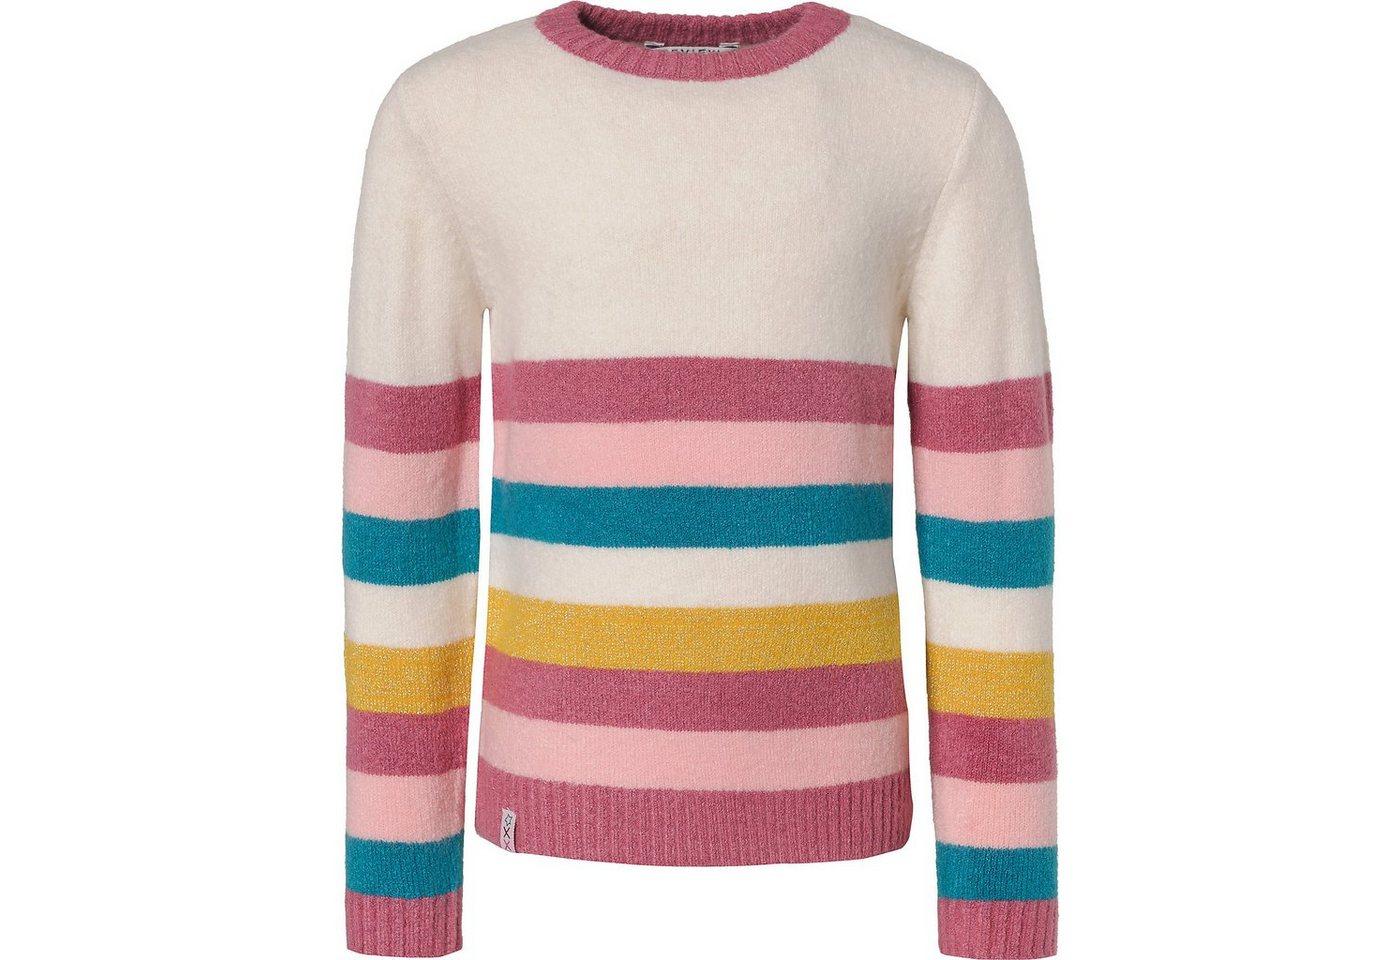 review for kids -  Pullover für Mädchen